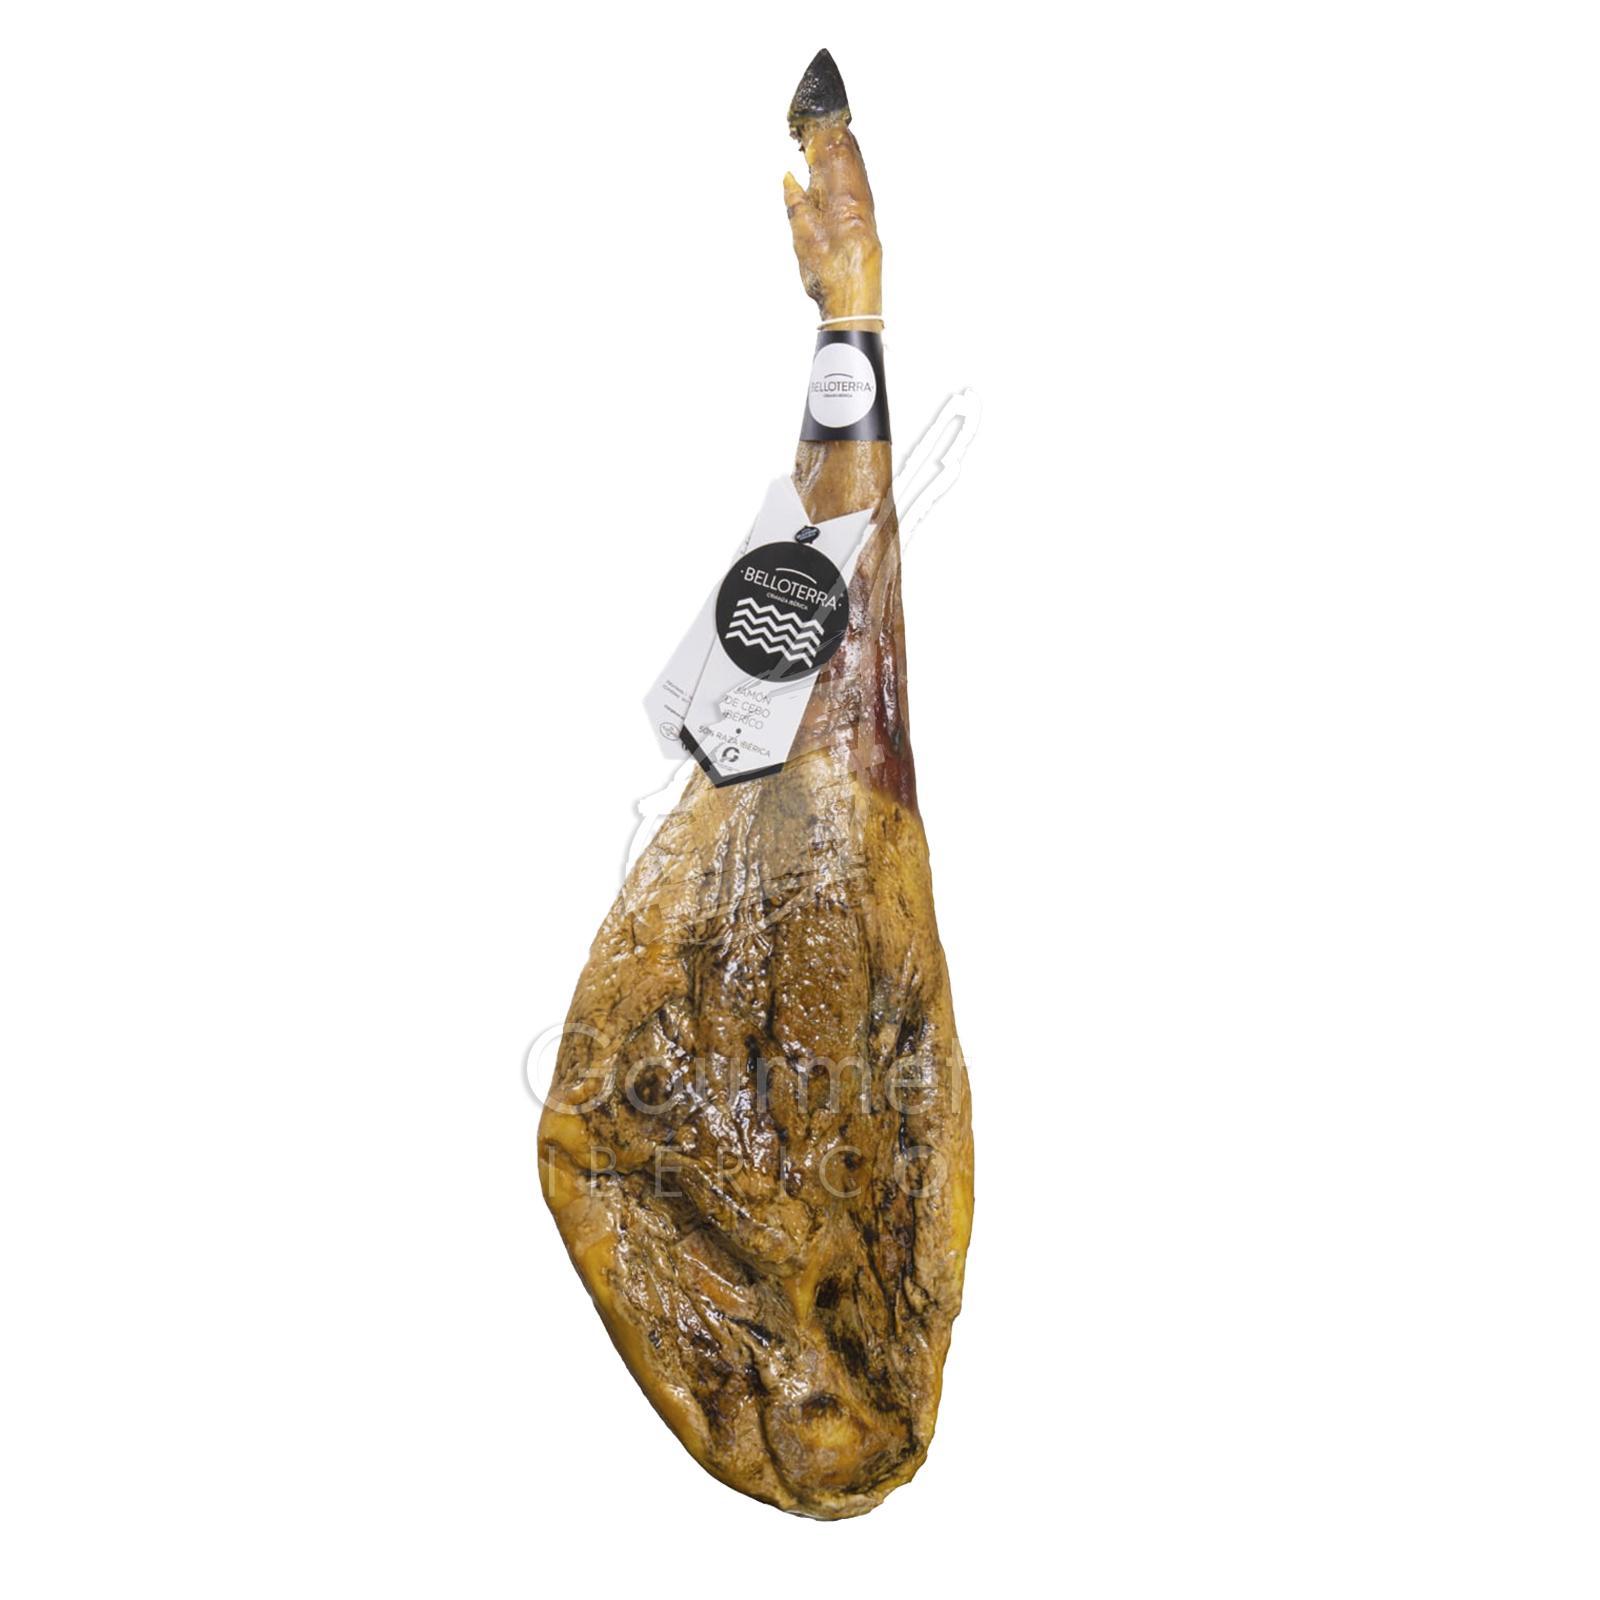 Jamón ibérico de cebo Belloterra 50% raza ibérica